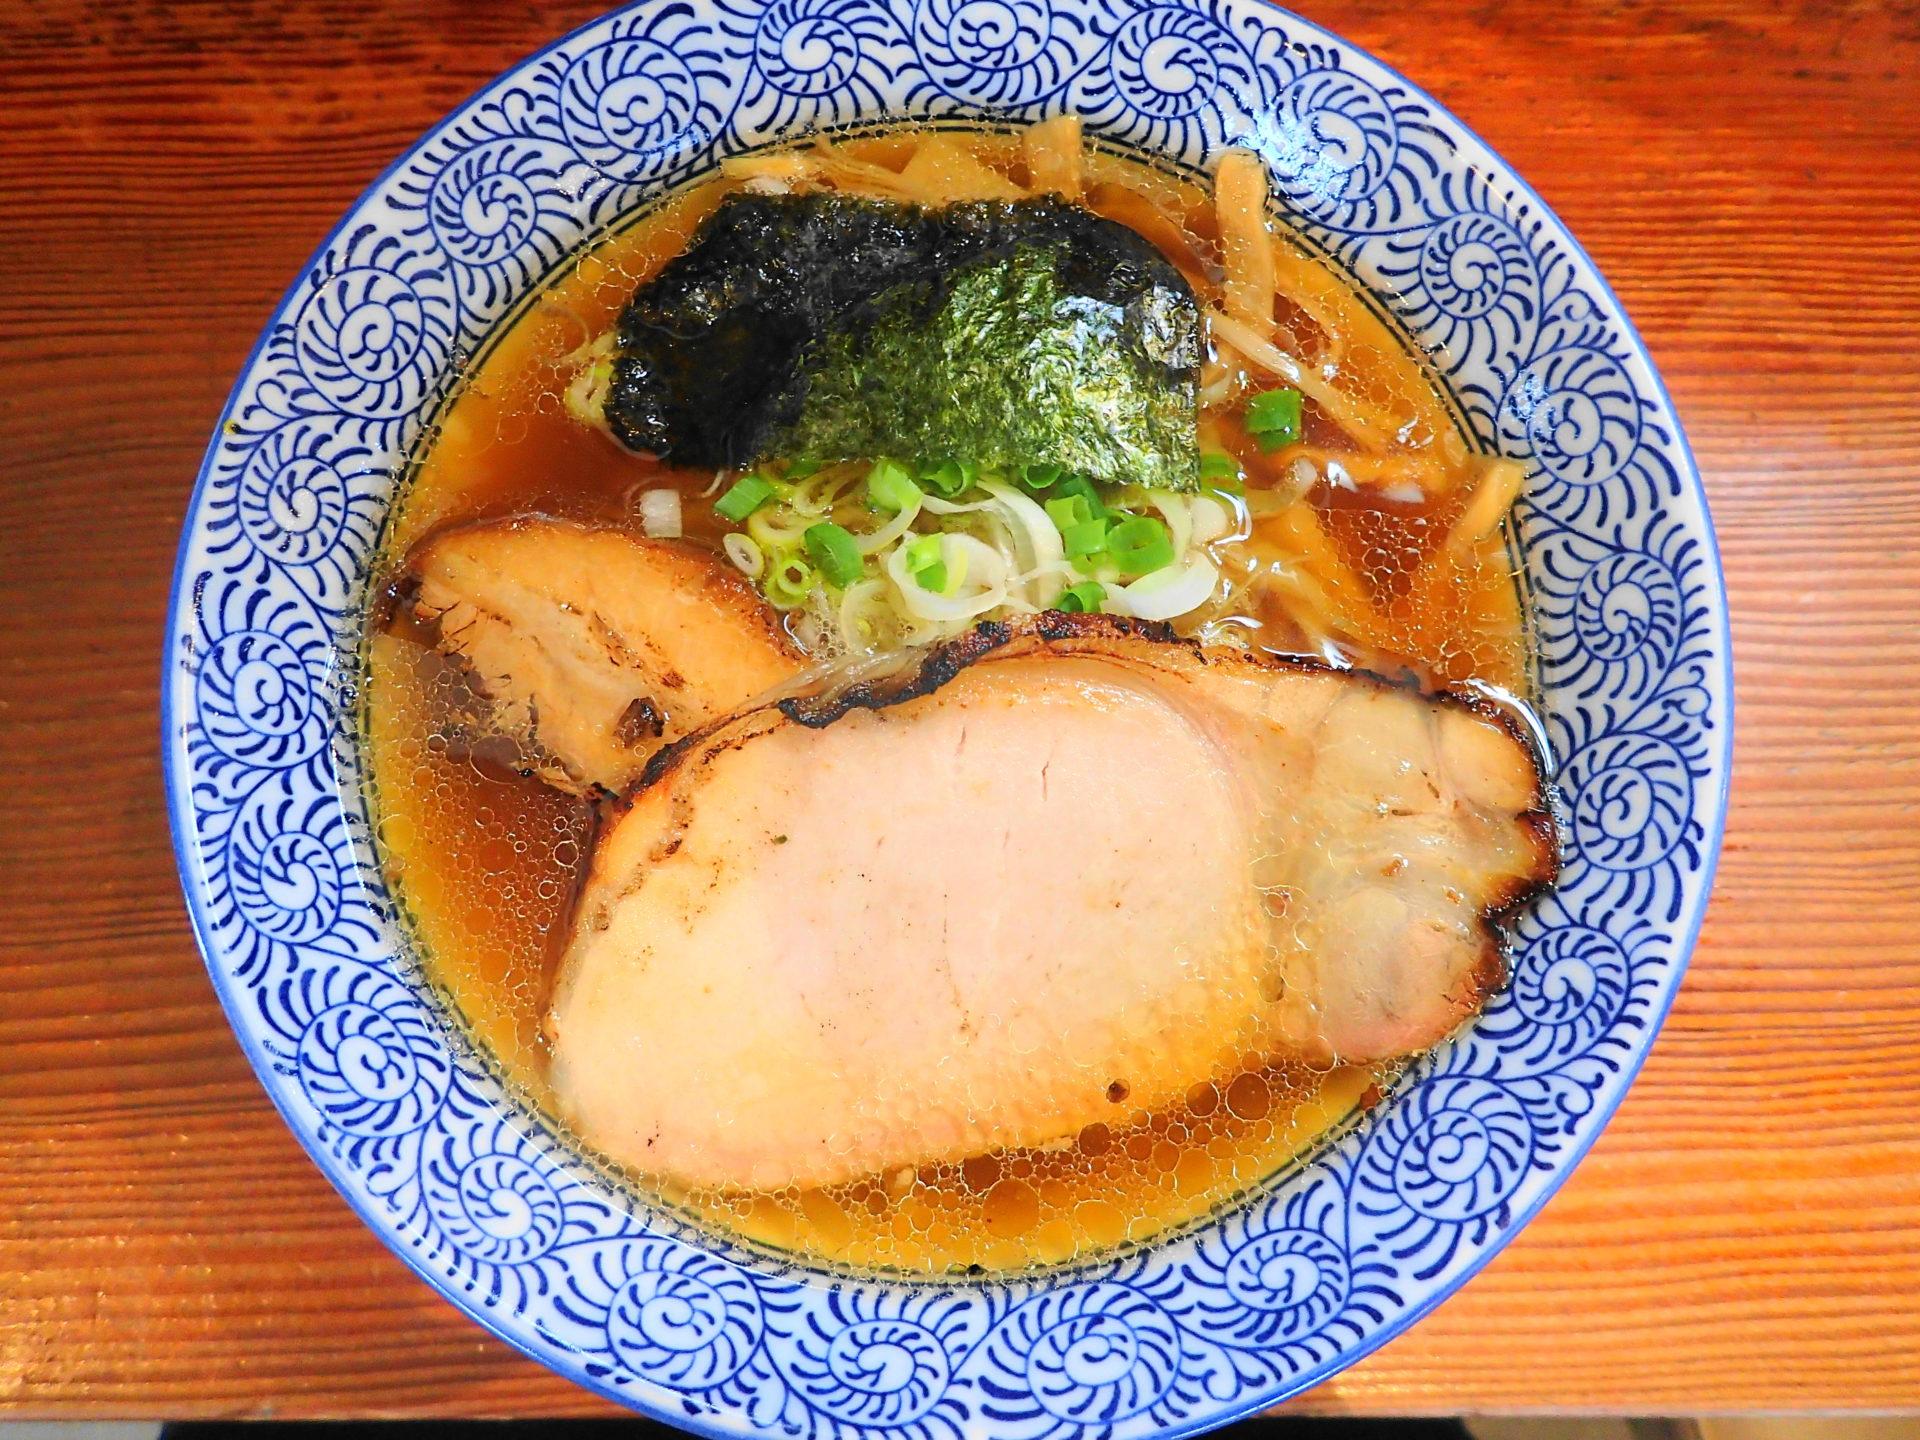 石岡市の美味しい人気ラーメン店5選 - いばらじお♪